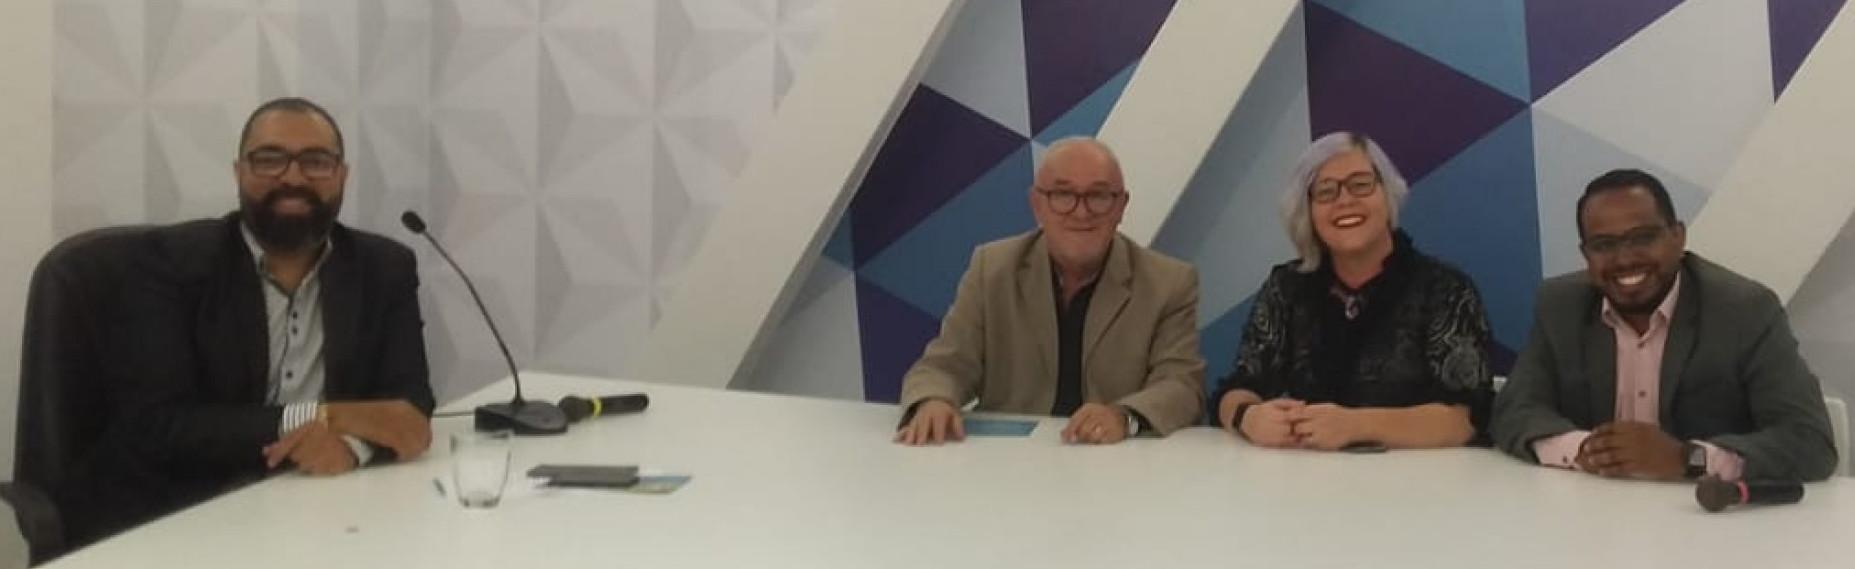 TV MASTER - Jornalistas convidados debatem a política paraibana e outros assuntos das 18:00 às 19:00 horas no Programa Master News